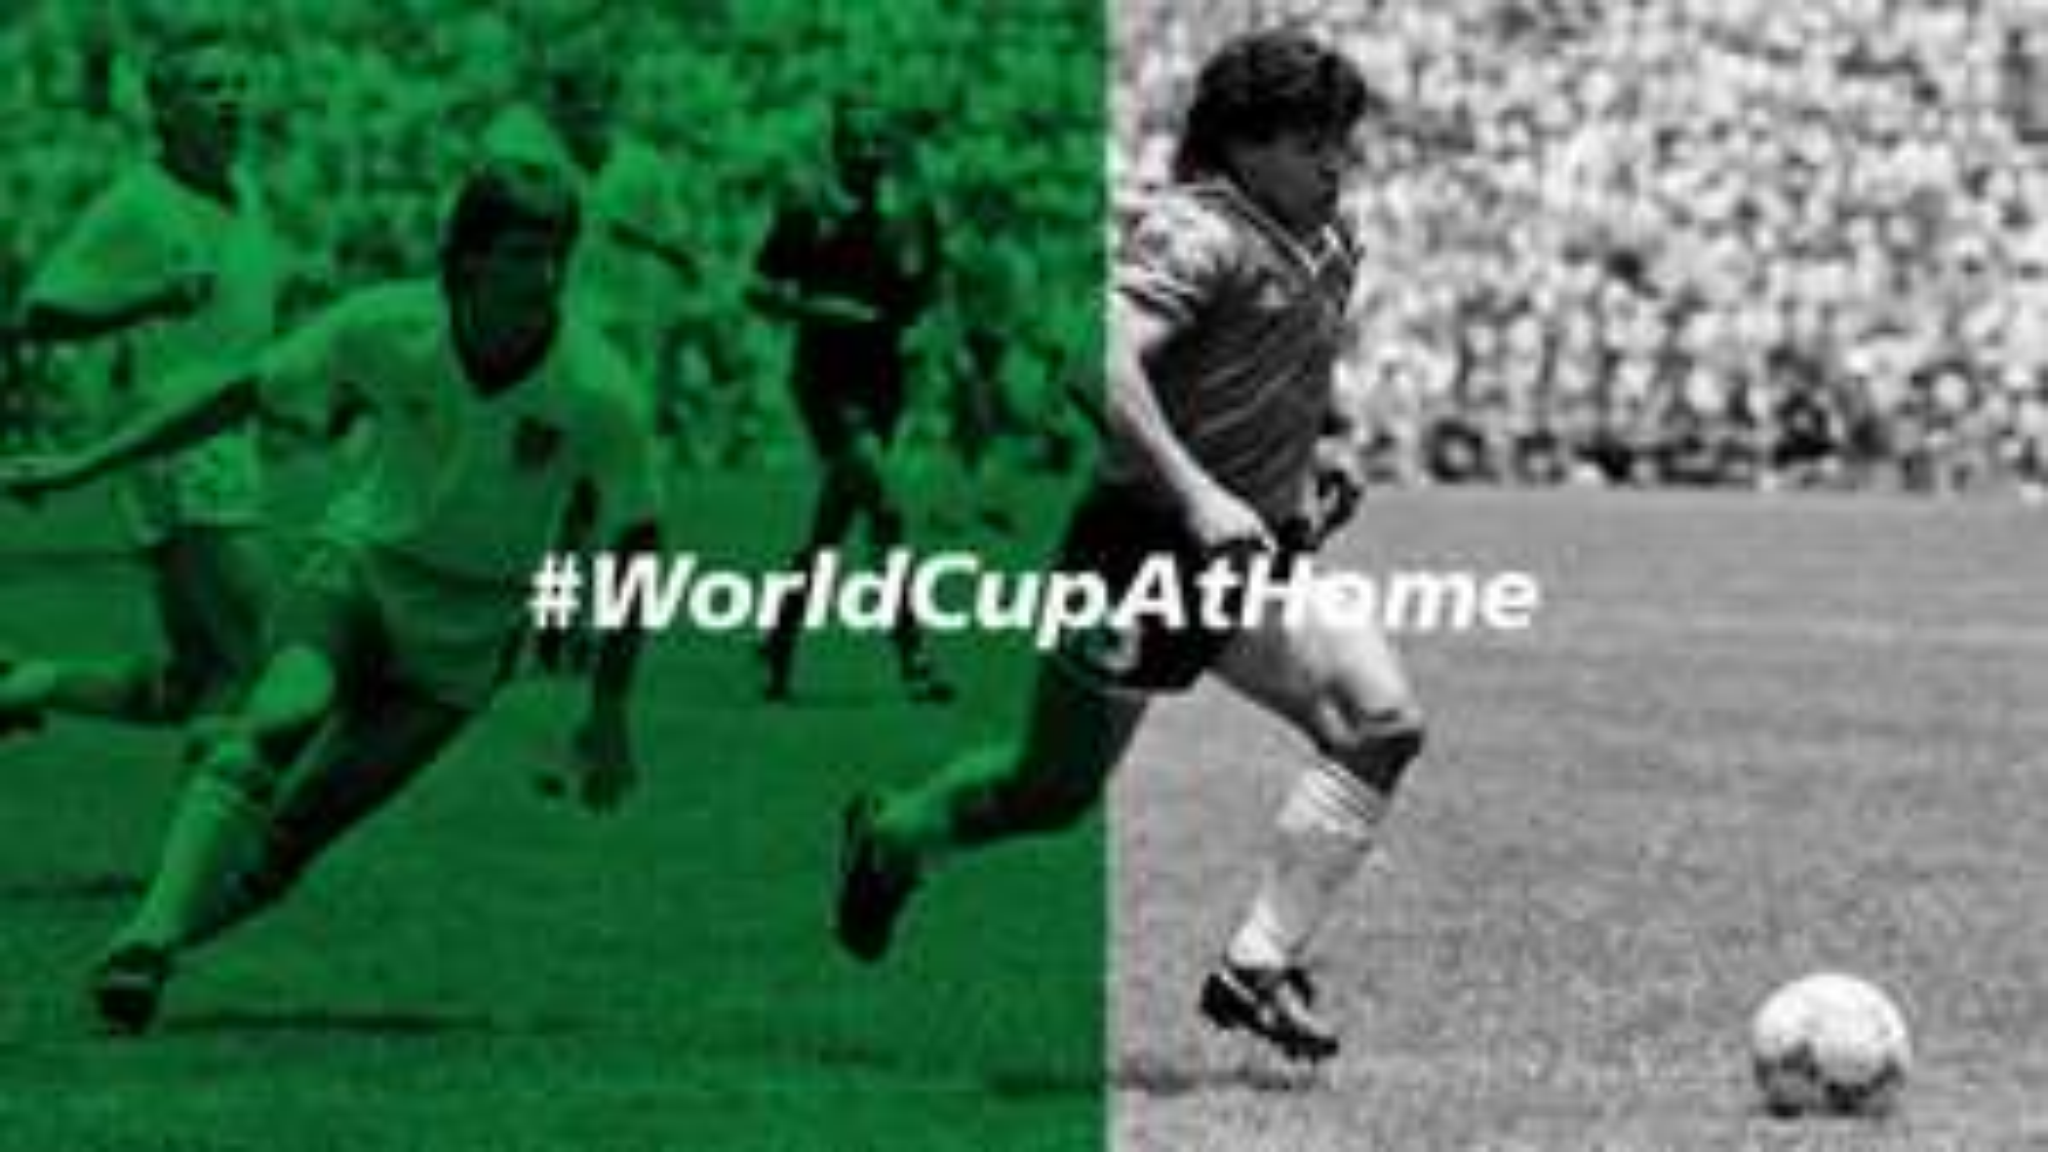 Gratis legendarische voetbalmatches bekijken @ FIFA (zie omschrijving)